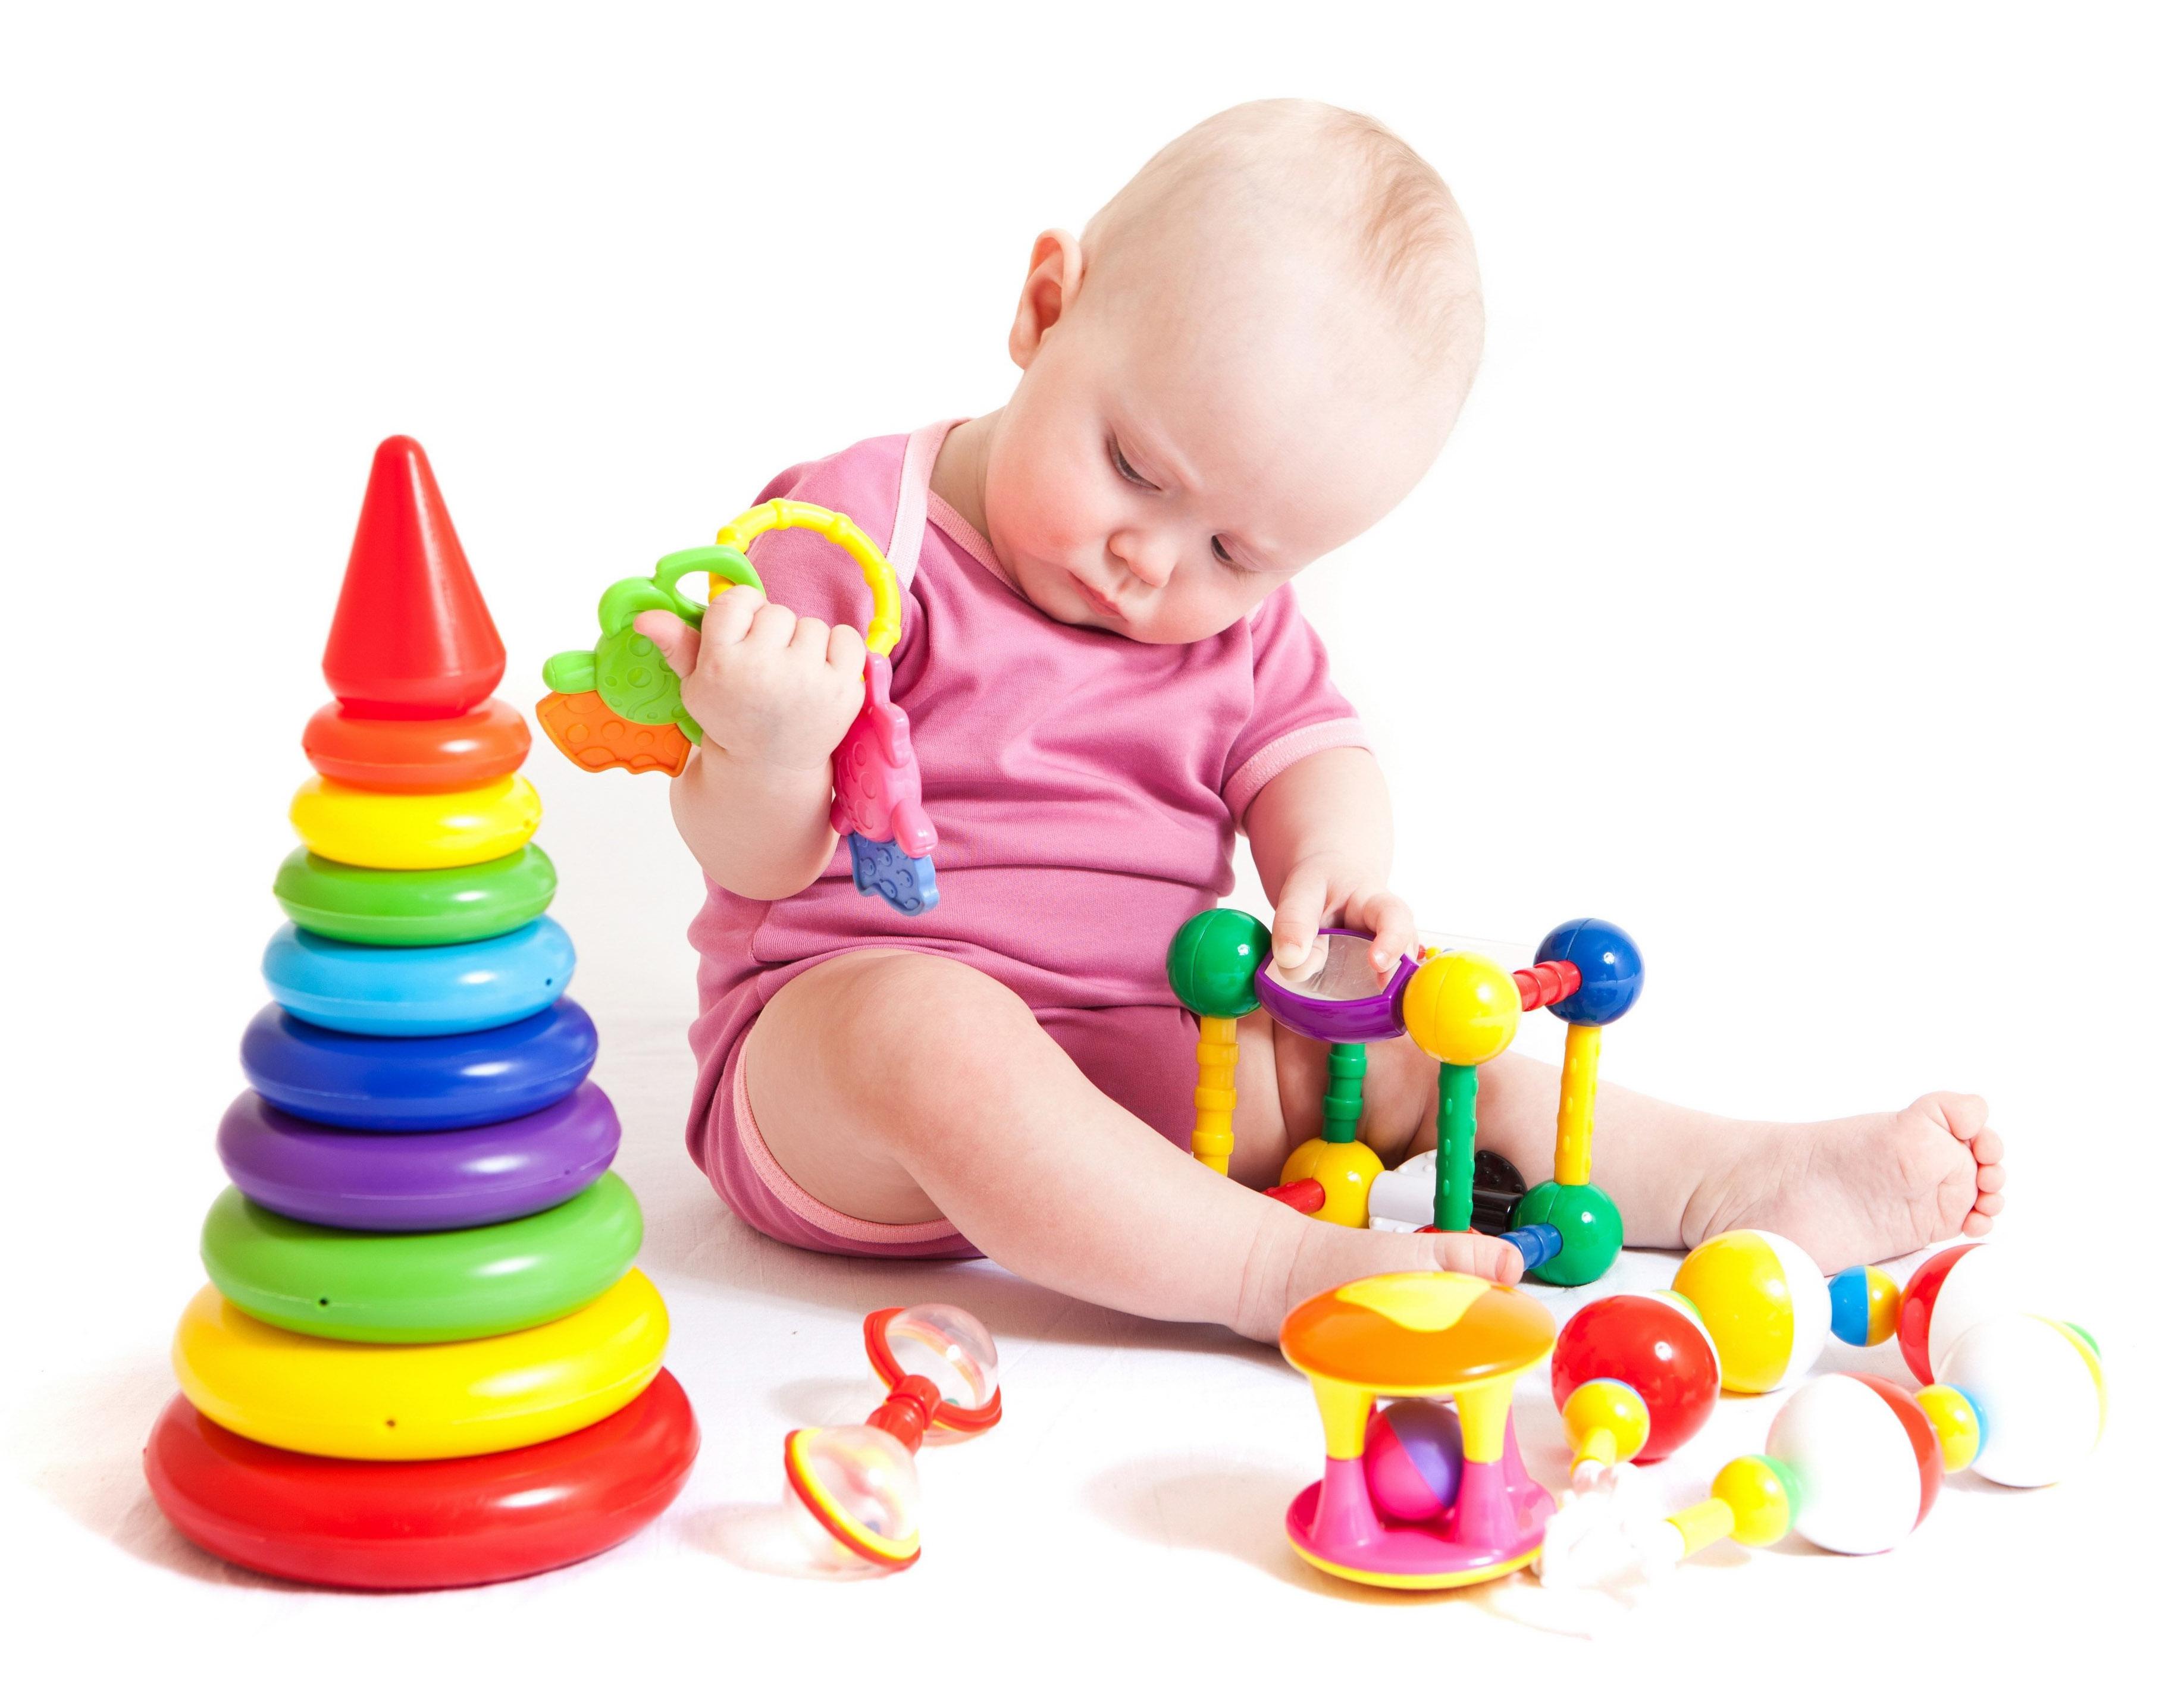 Развитие ребенка в 10 месяцев, что должны уметь мальчики, девочки